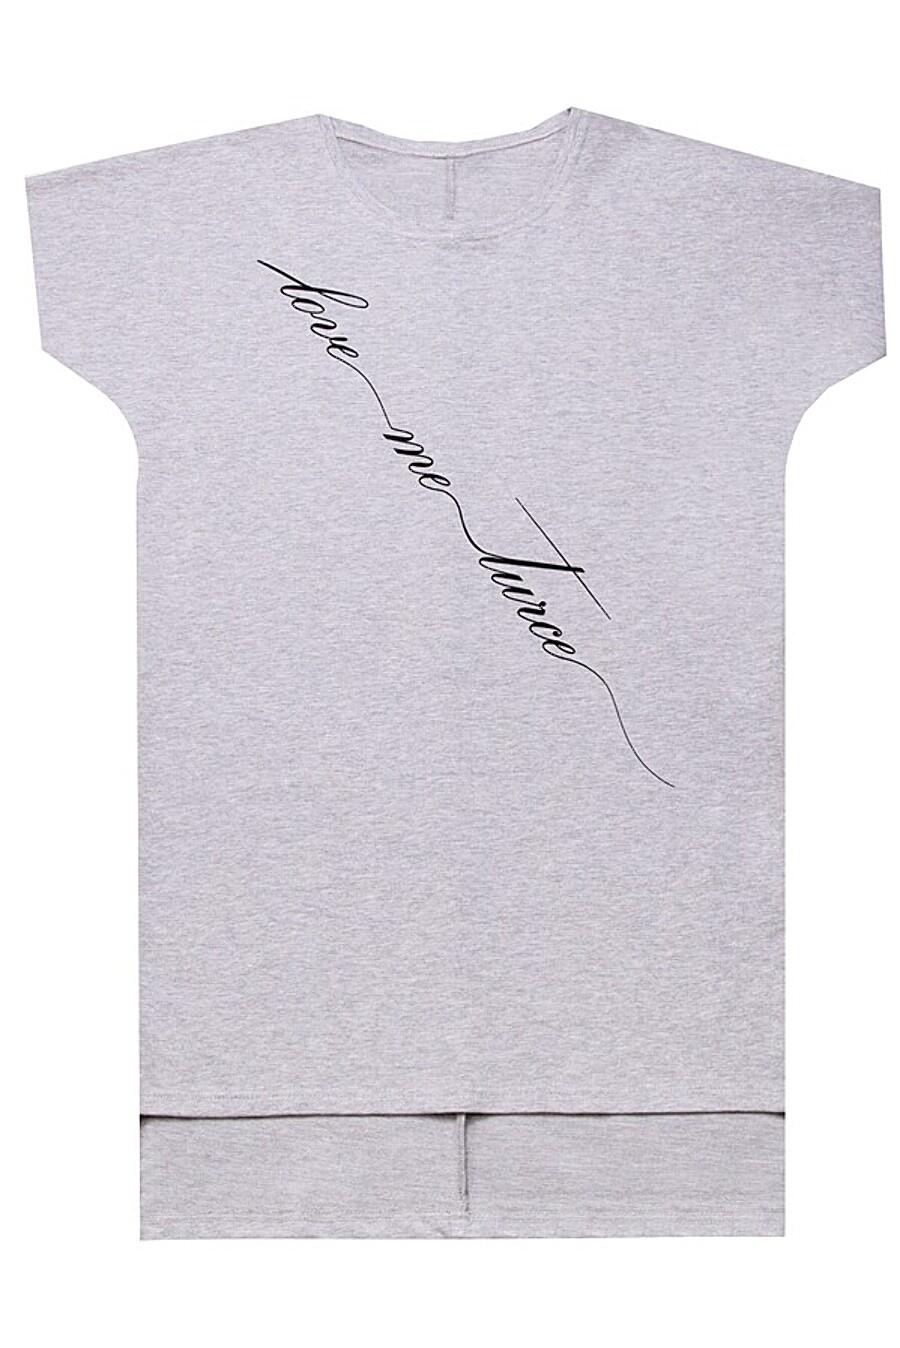 Джемпер для женщин АПРЕЛЬ 700639 купить оптом от производителя. Совместная покупка женской одежды в OptMoyo